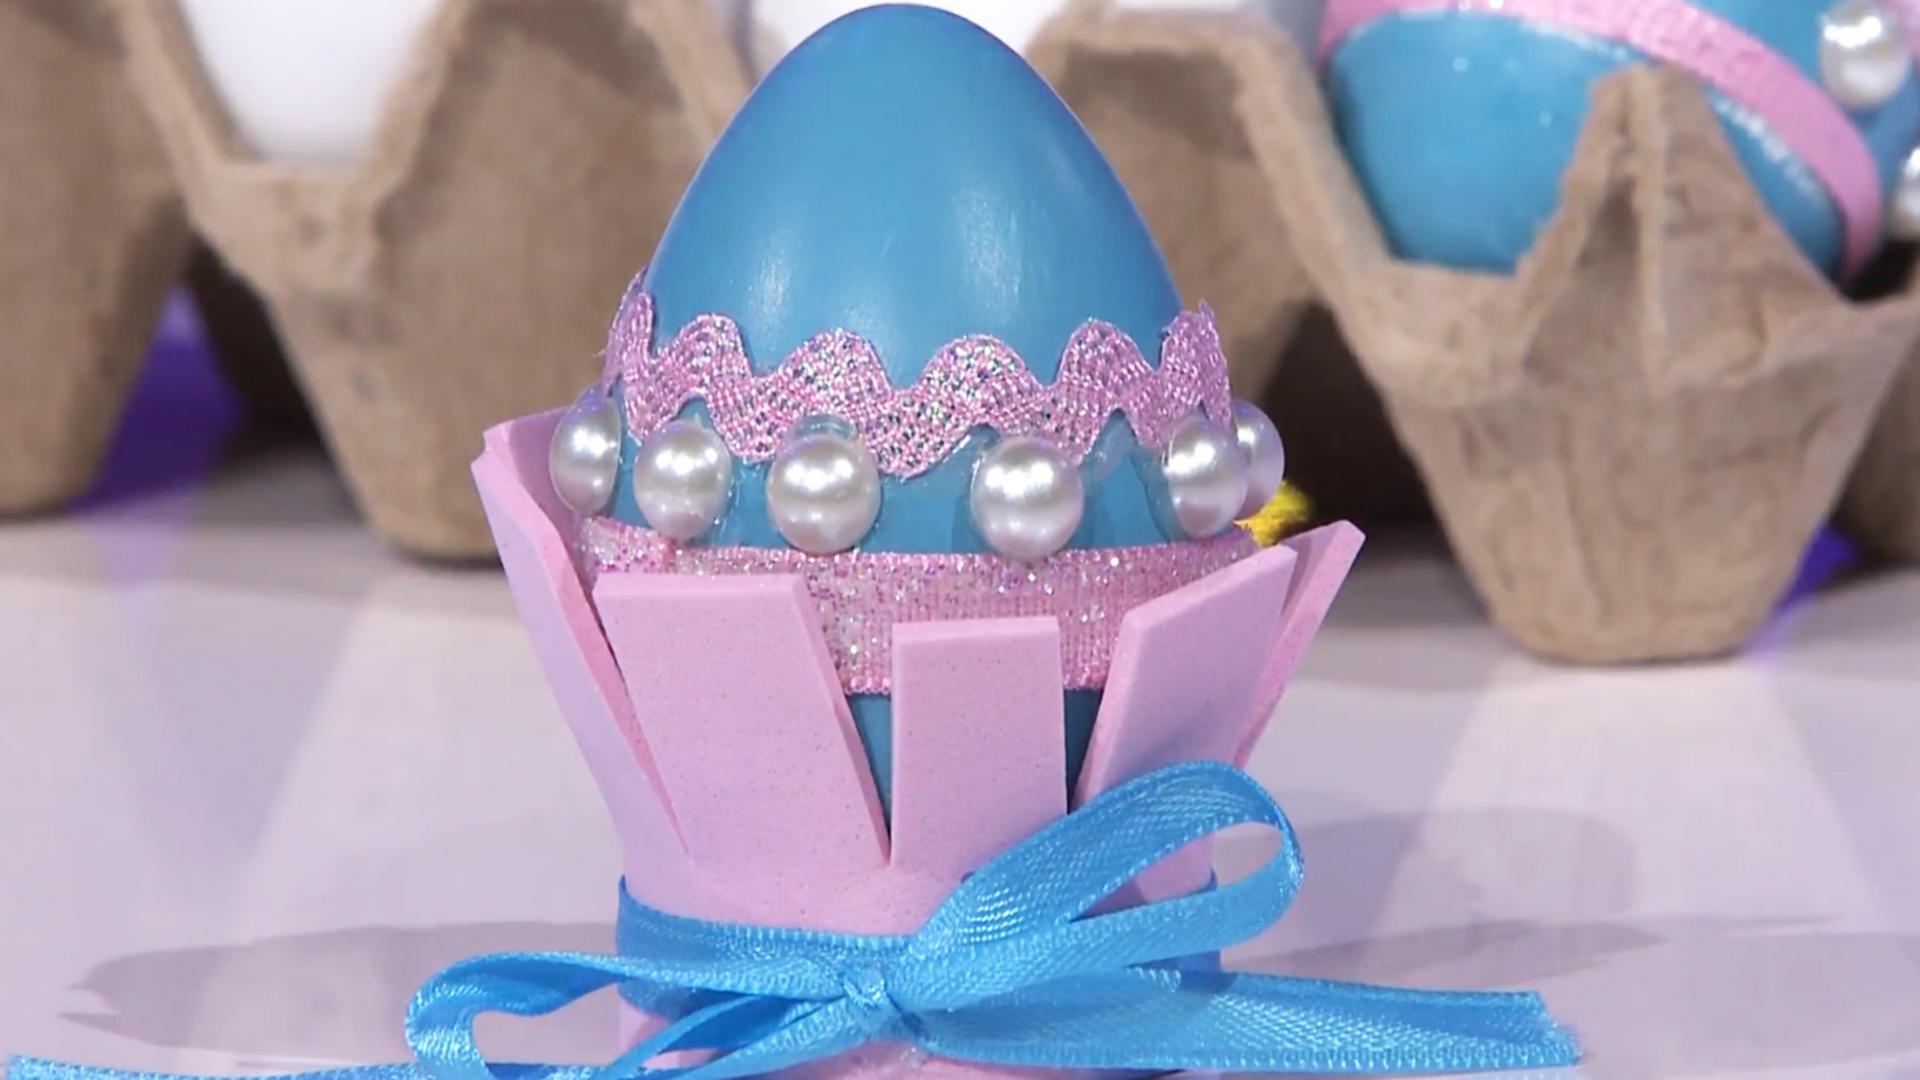 Hazlo Tú Misma Decora Huevos De Pascua Al Estilo Princesa